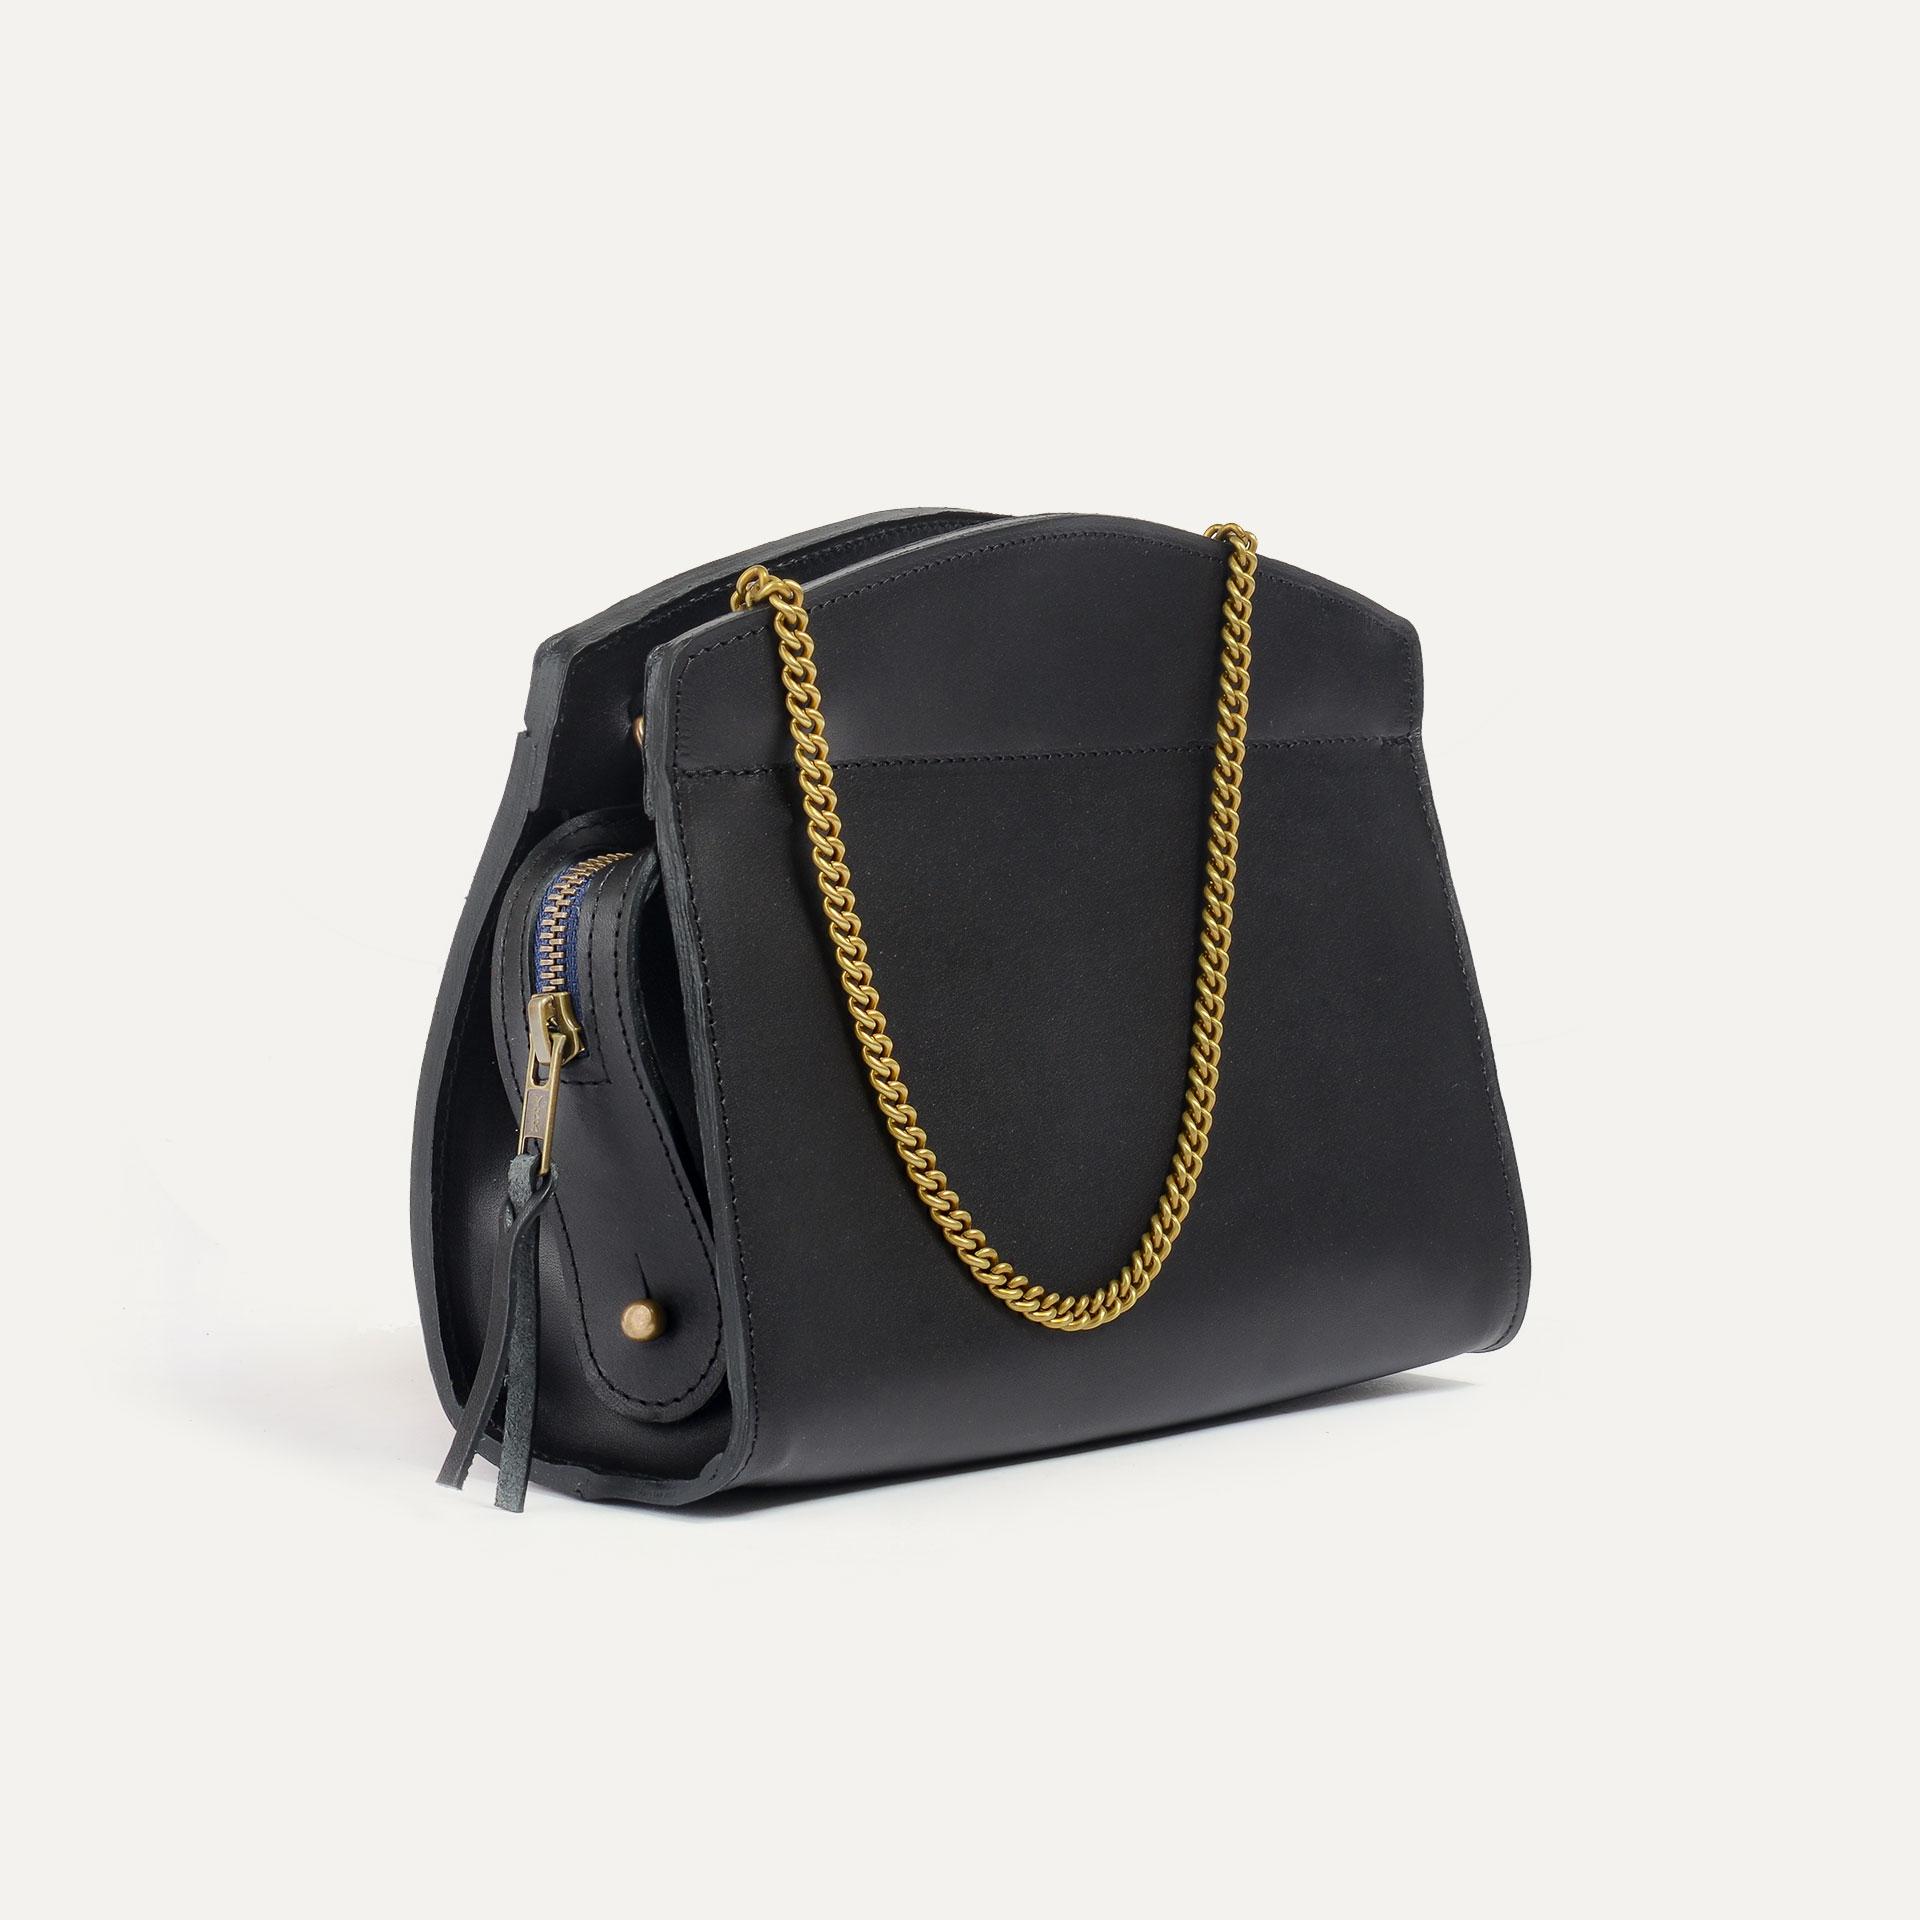 ORIGAMI S zipped clutch - Black (image n°4)